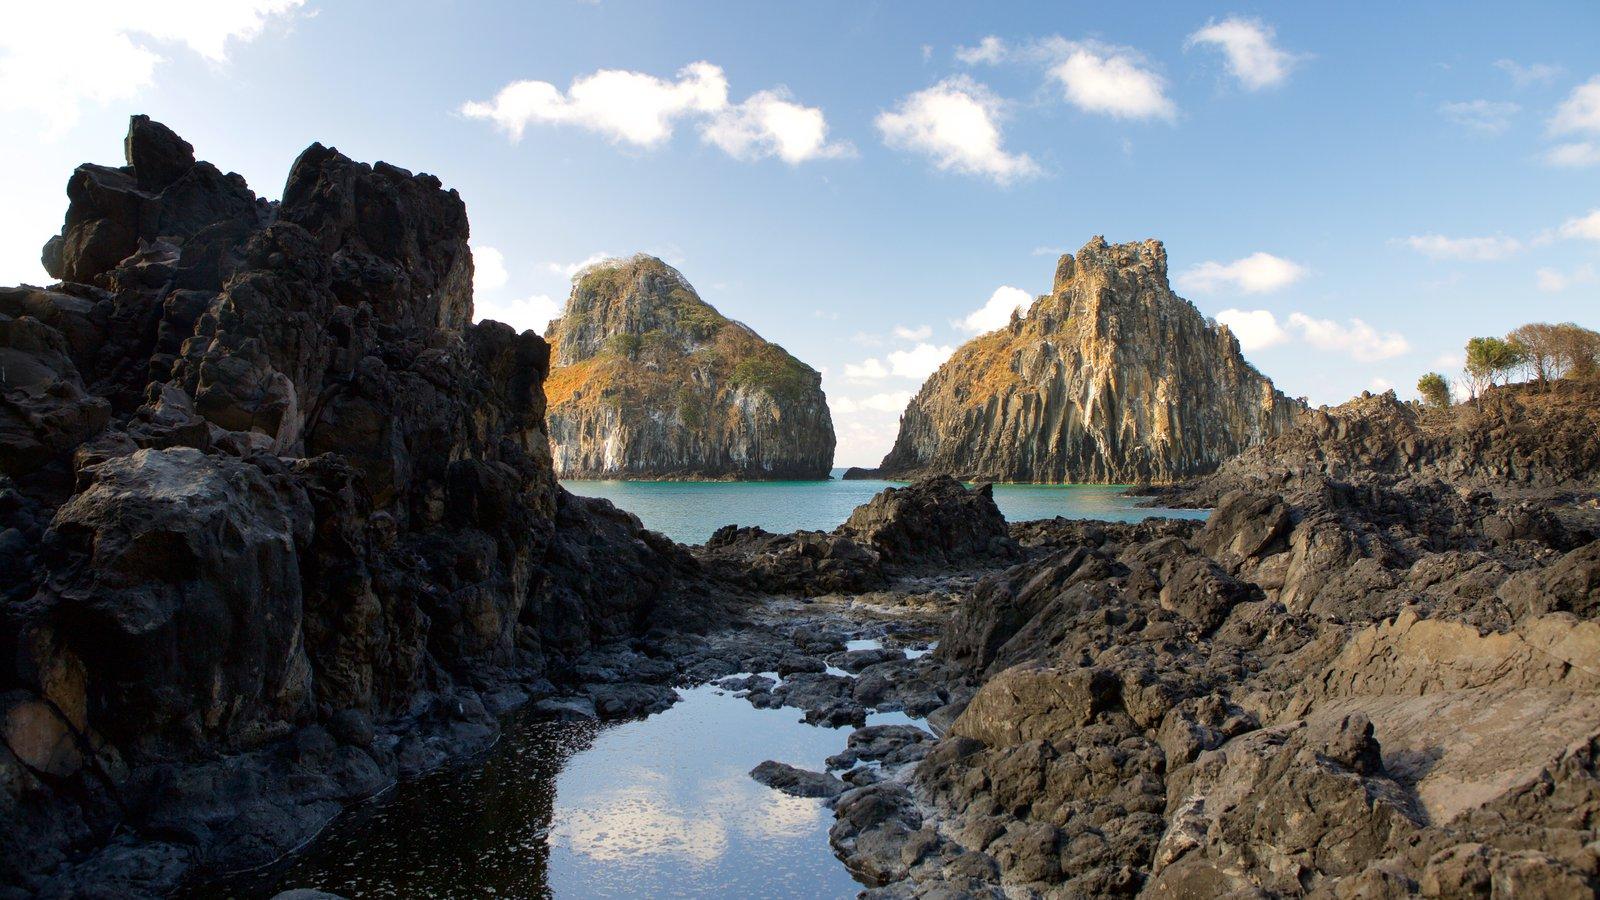 Baía dos Porcos que inclui litoral rochoso, paisagens da ilha e paisagens litorâneas